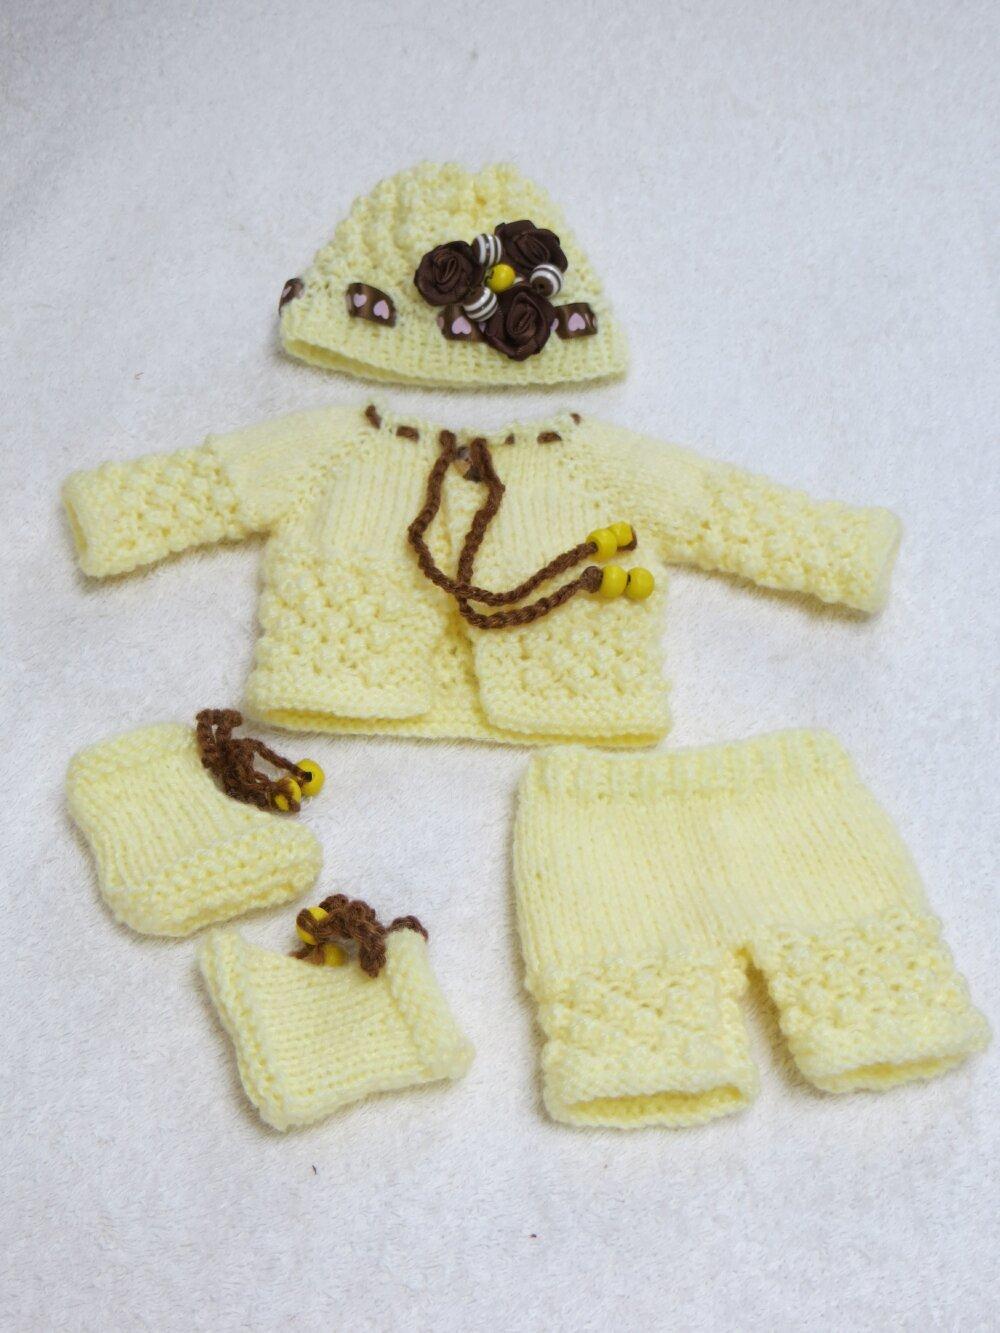 Fiche patron PDF N° P3 vêtements tricot  Poupée Poupons 25 cms Arias, Npk, Antonio juan